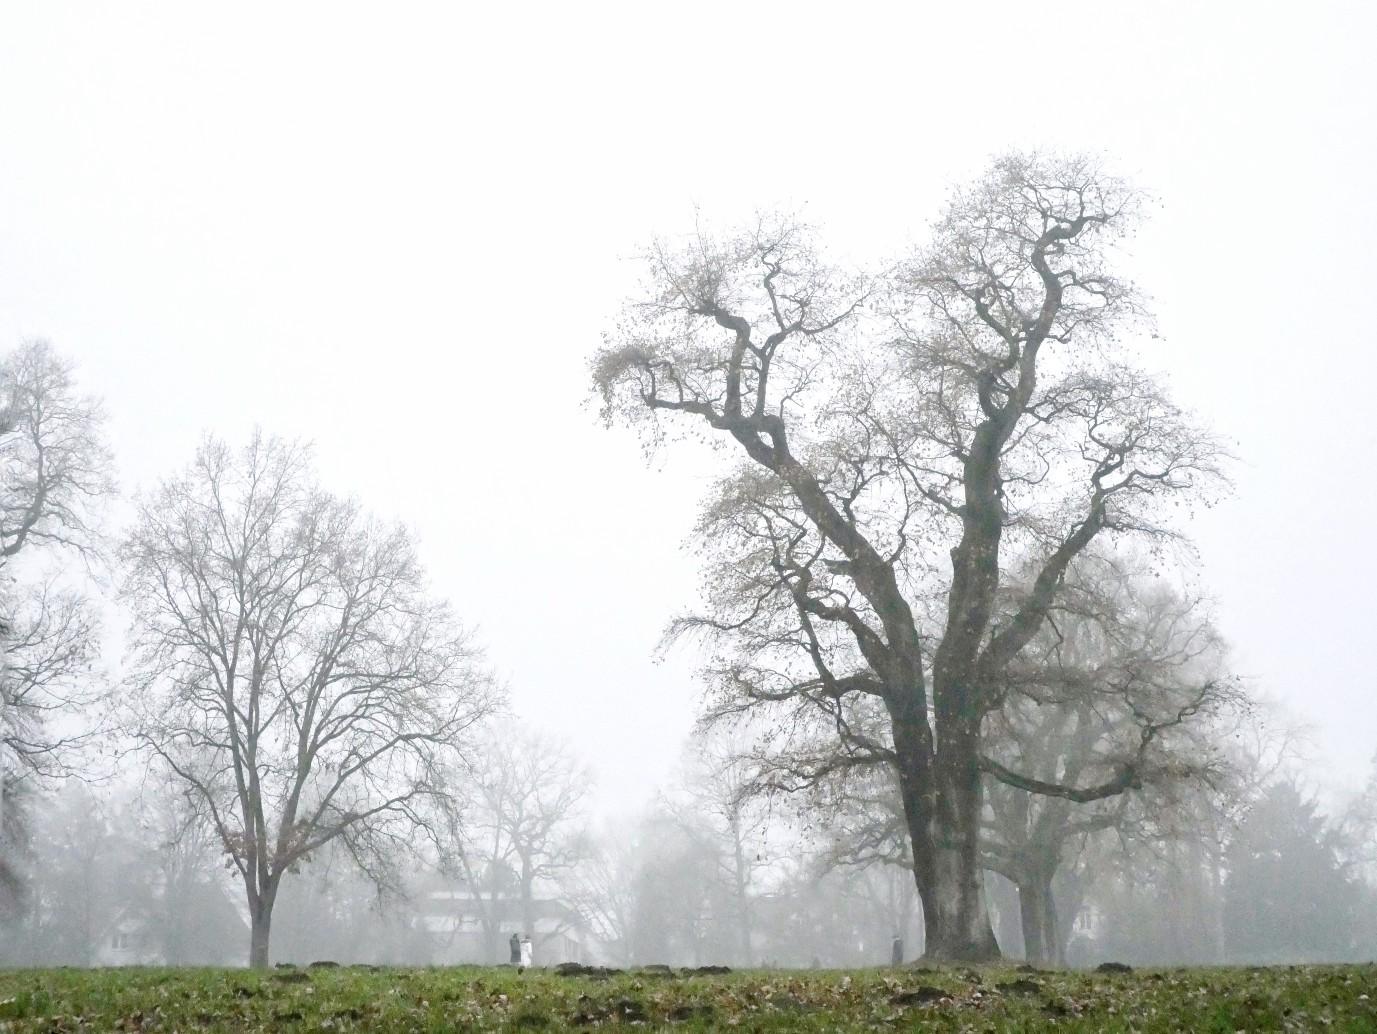 Eichenbaum im Nebel